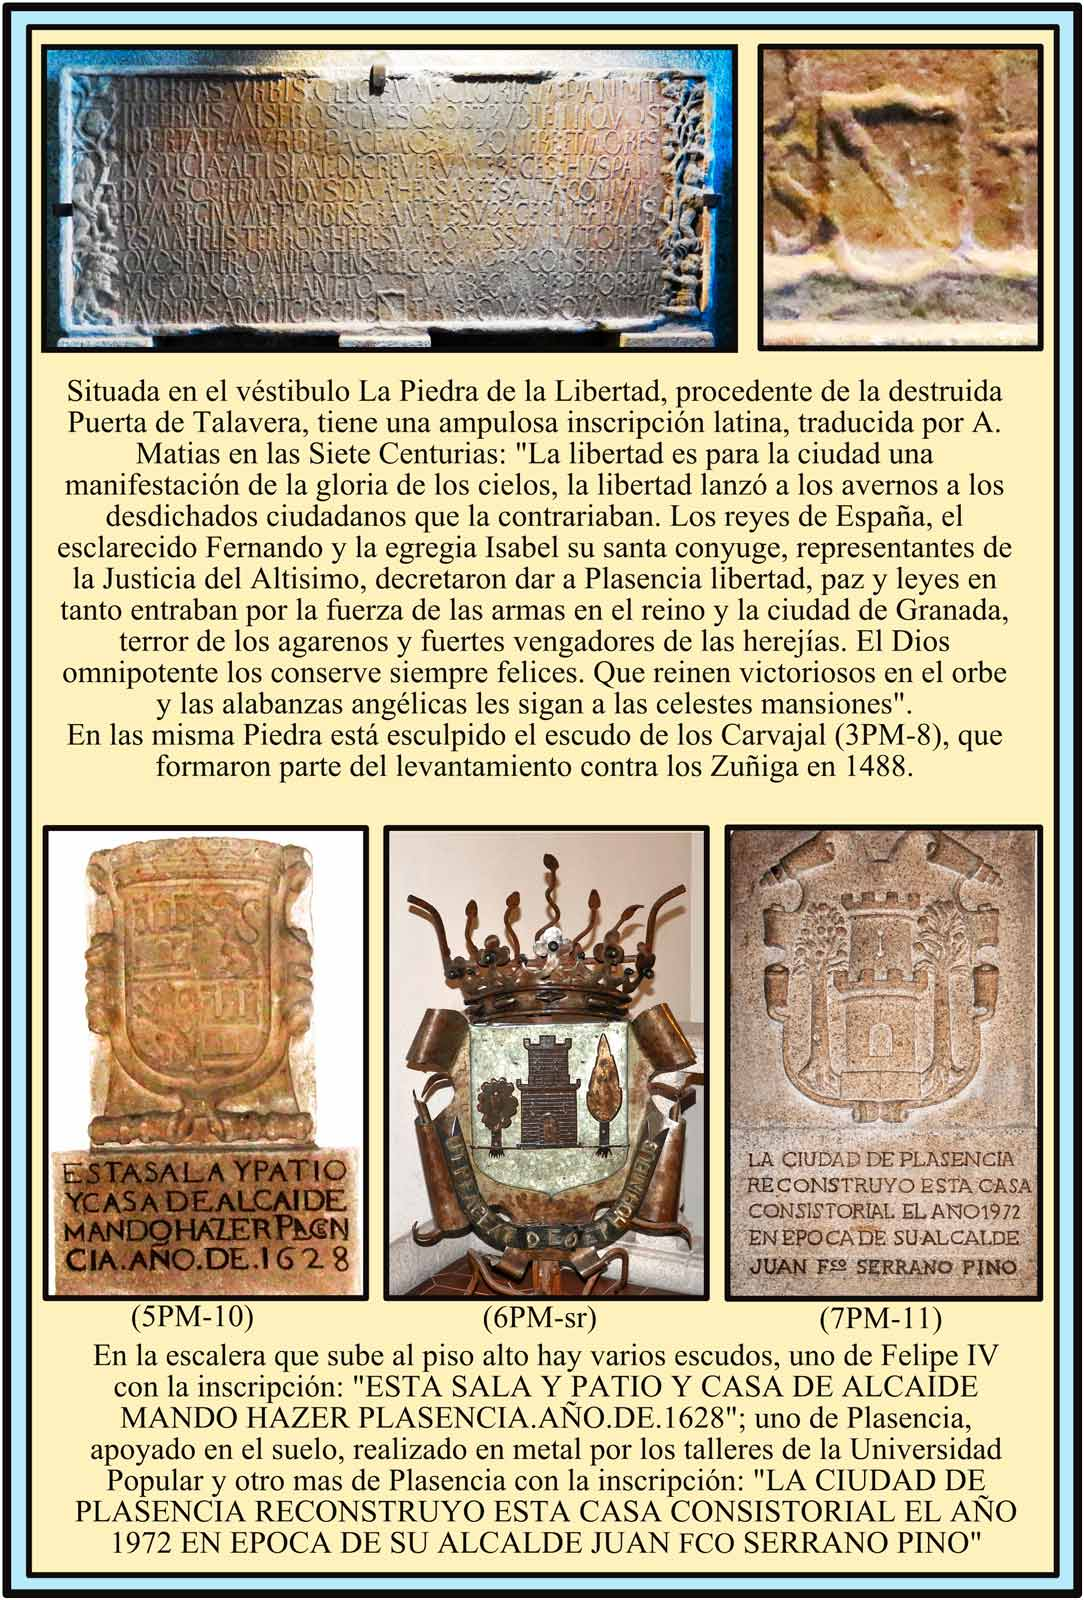 Piedra de la Libertad. Escudos de Felipe IV y Plasencia en la escalera